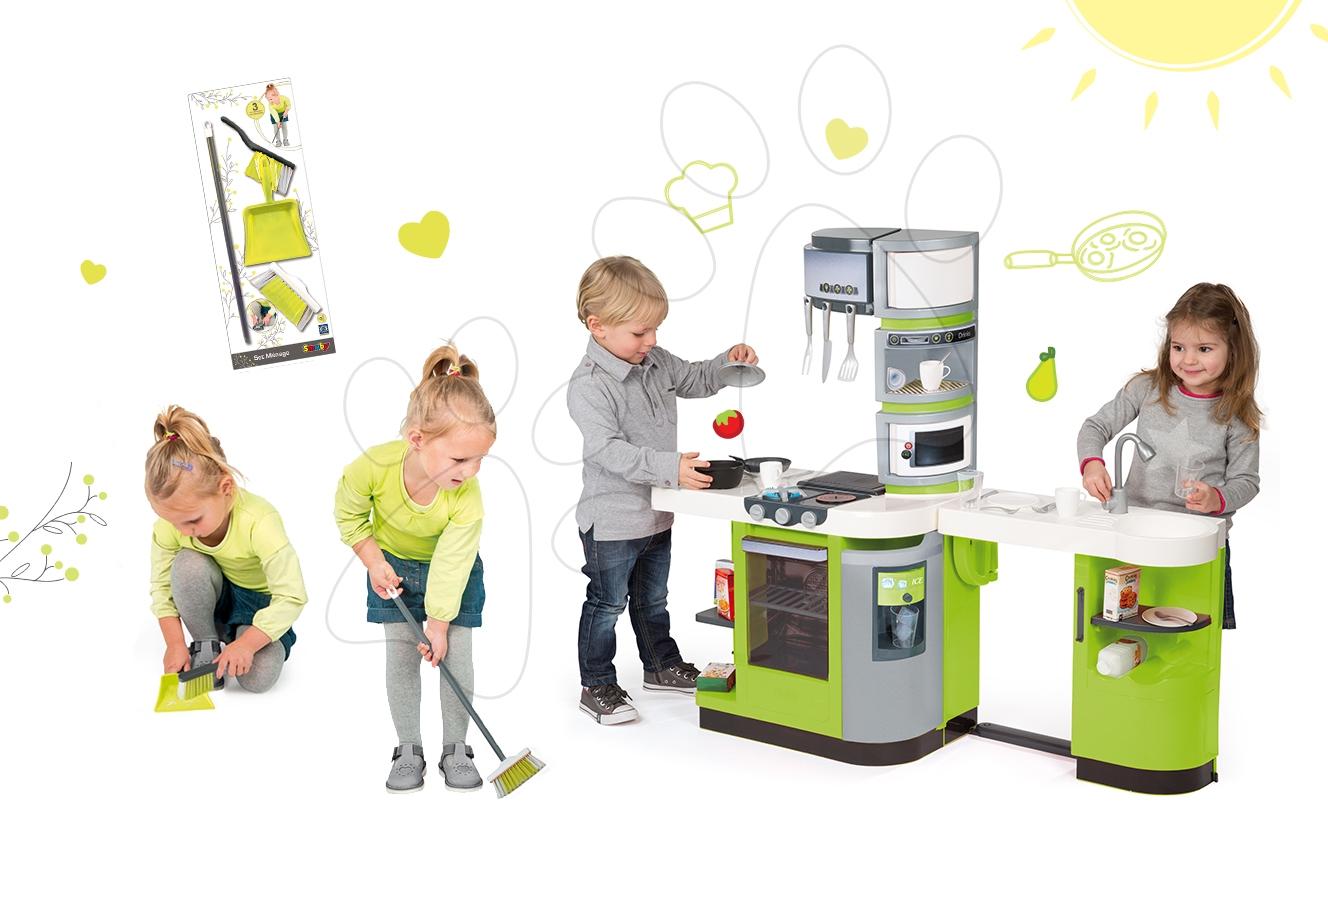 Kuchynky pre deti sety - Set kuchynka CookMaster Verte Smoby s ľadom a zvukmi a upratovacie pomôcky 3v1